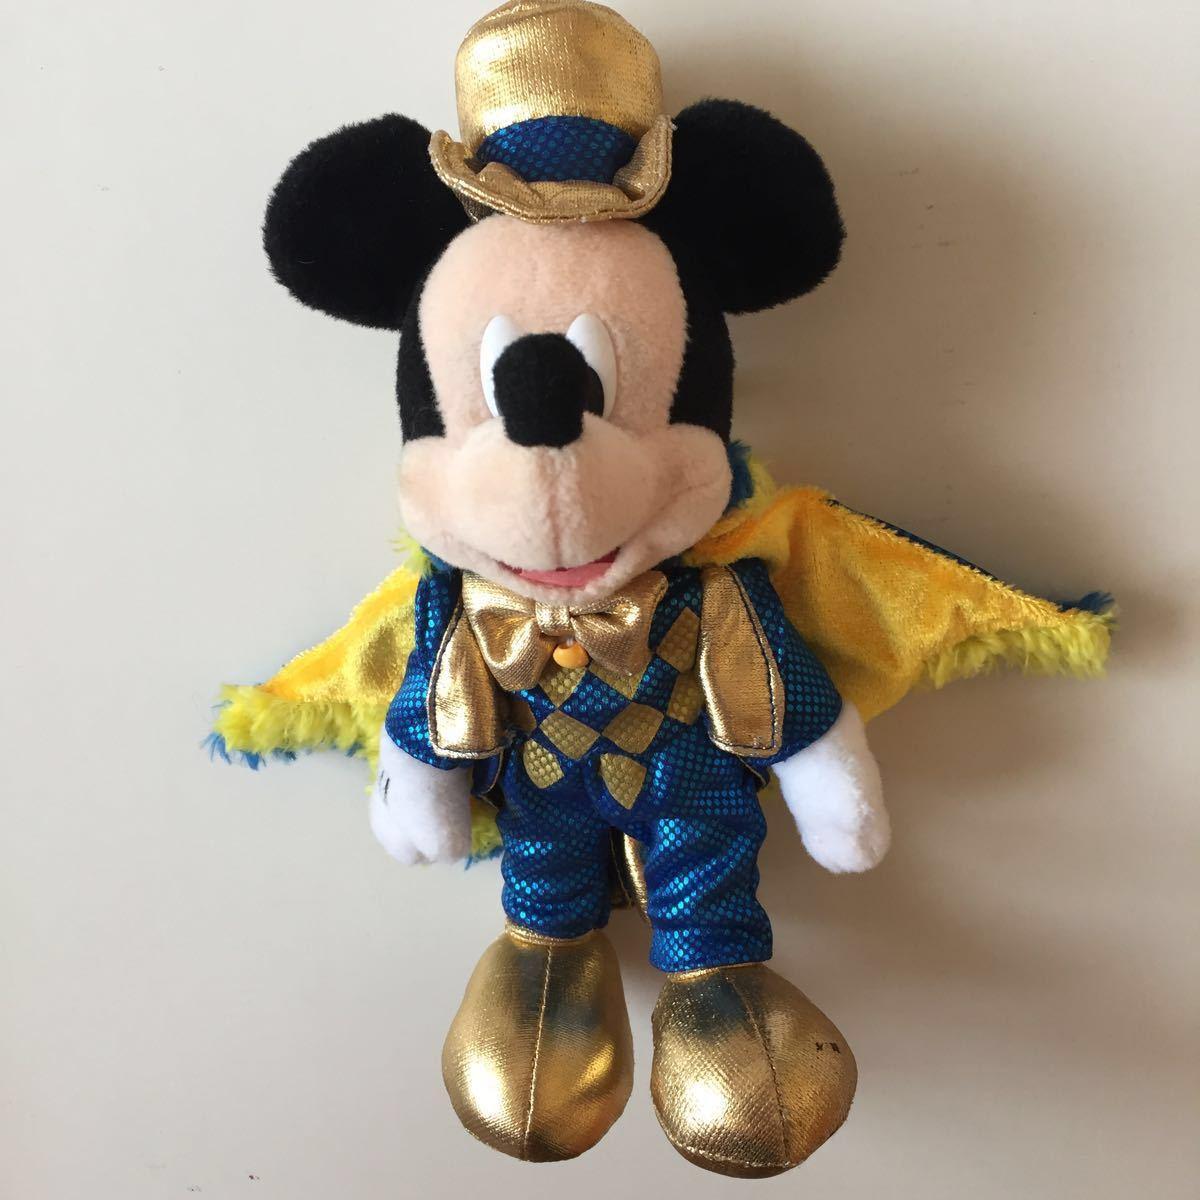 2007 カウントダウンパーティー ぬいぐるみバッジ ぬいば ミッキーマウス 東京ディズニーランド ボールチェーンキーホルダー COUNTDOWN_画像1